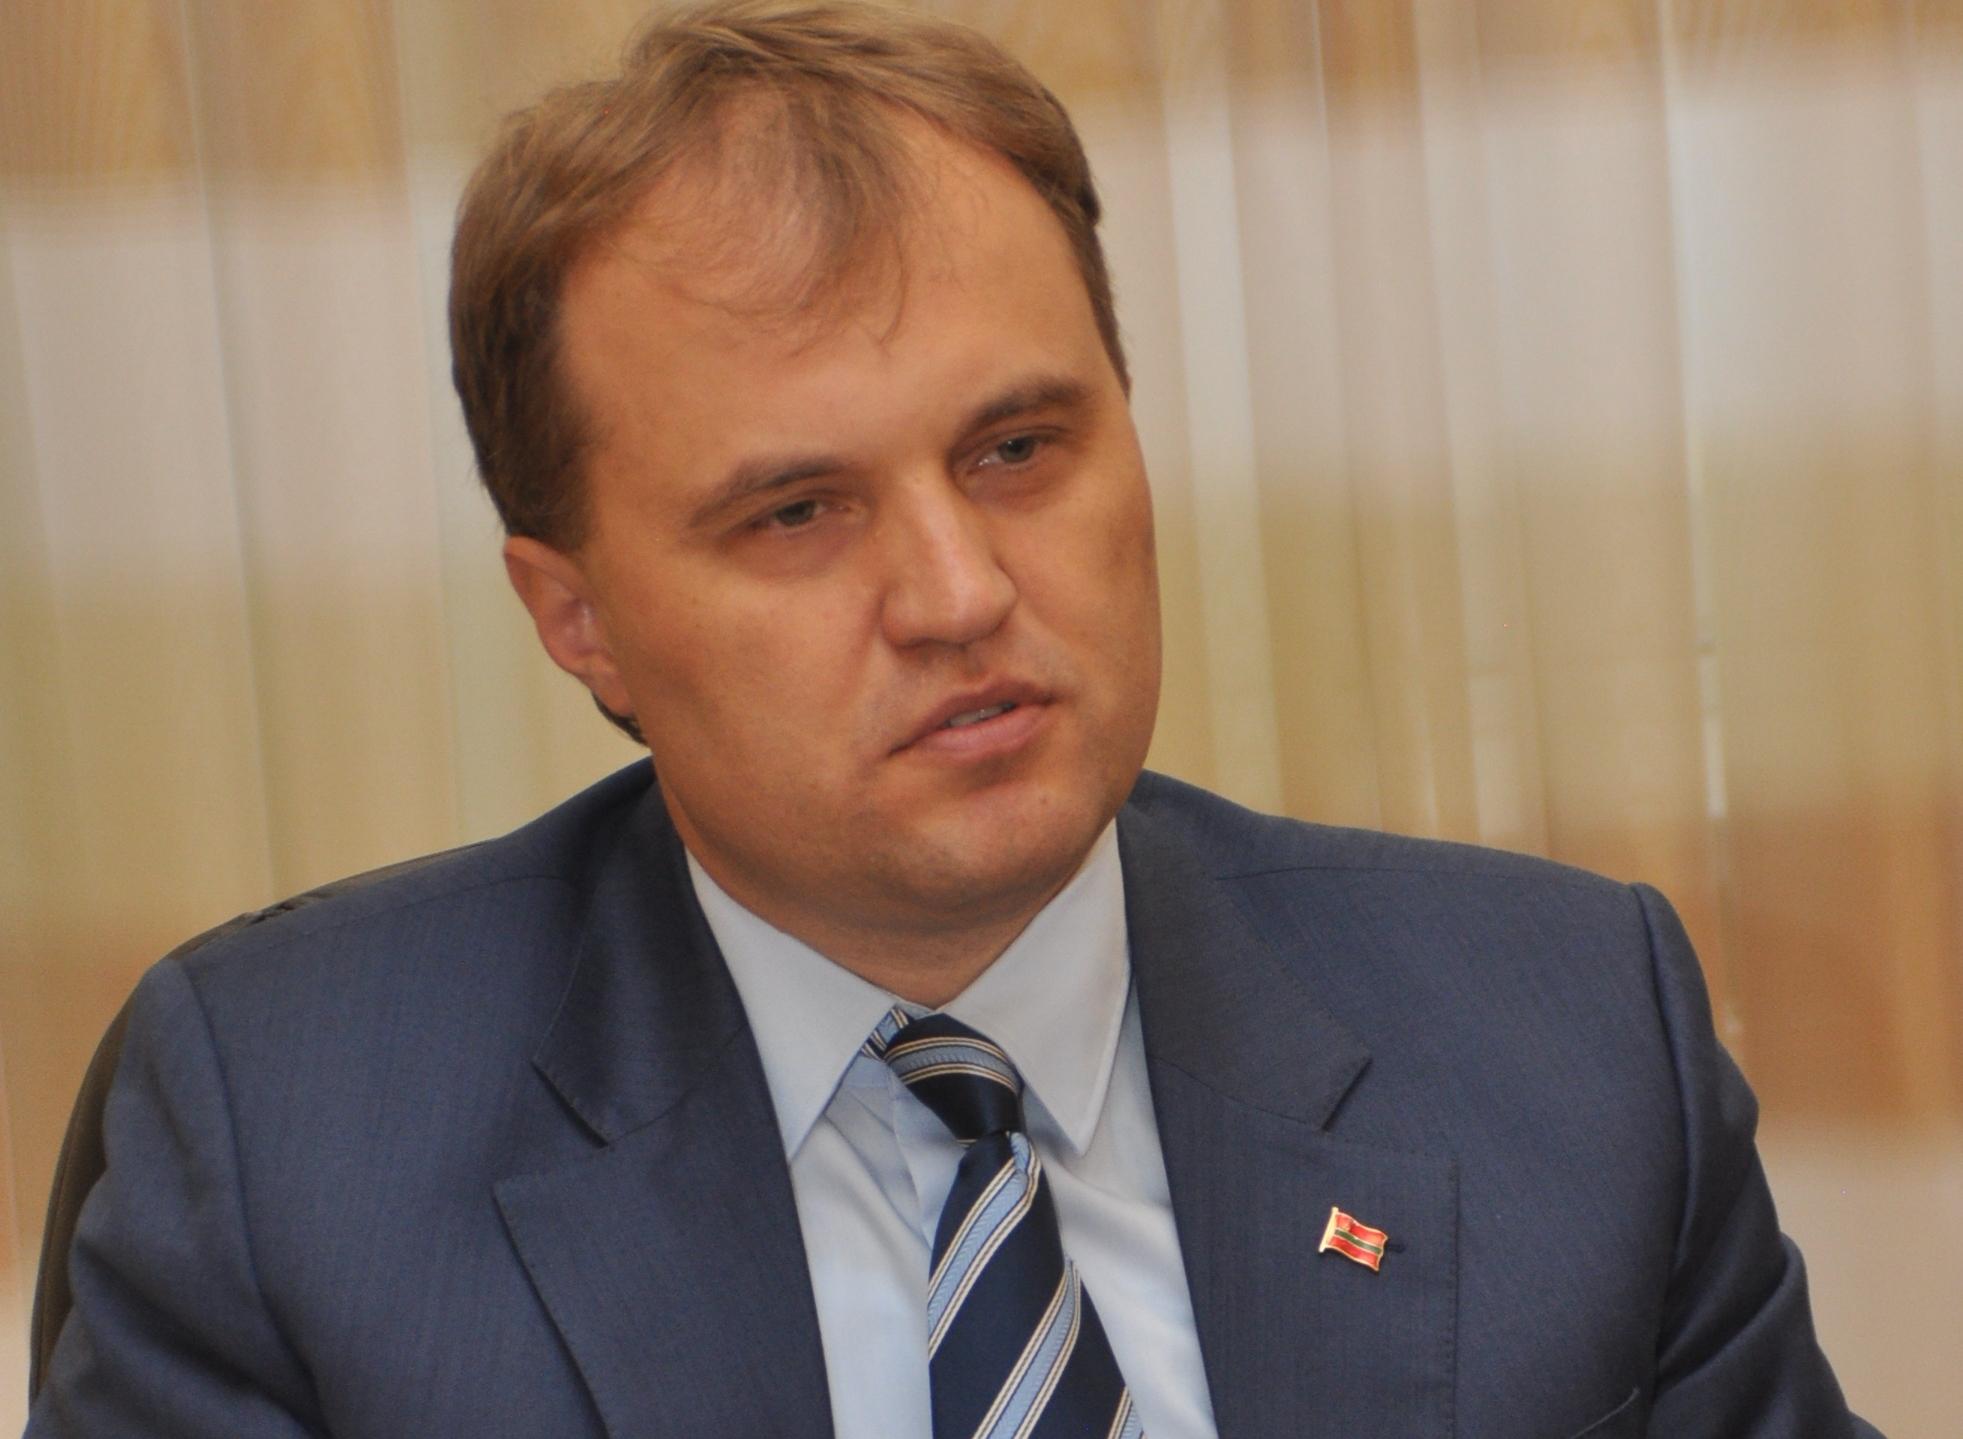 Президент ПМР: «Мы относимся с уважением ко всем нашим партнерам по переговорам»